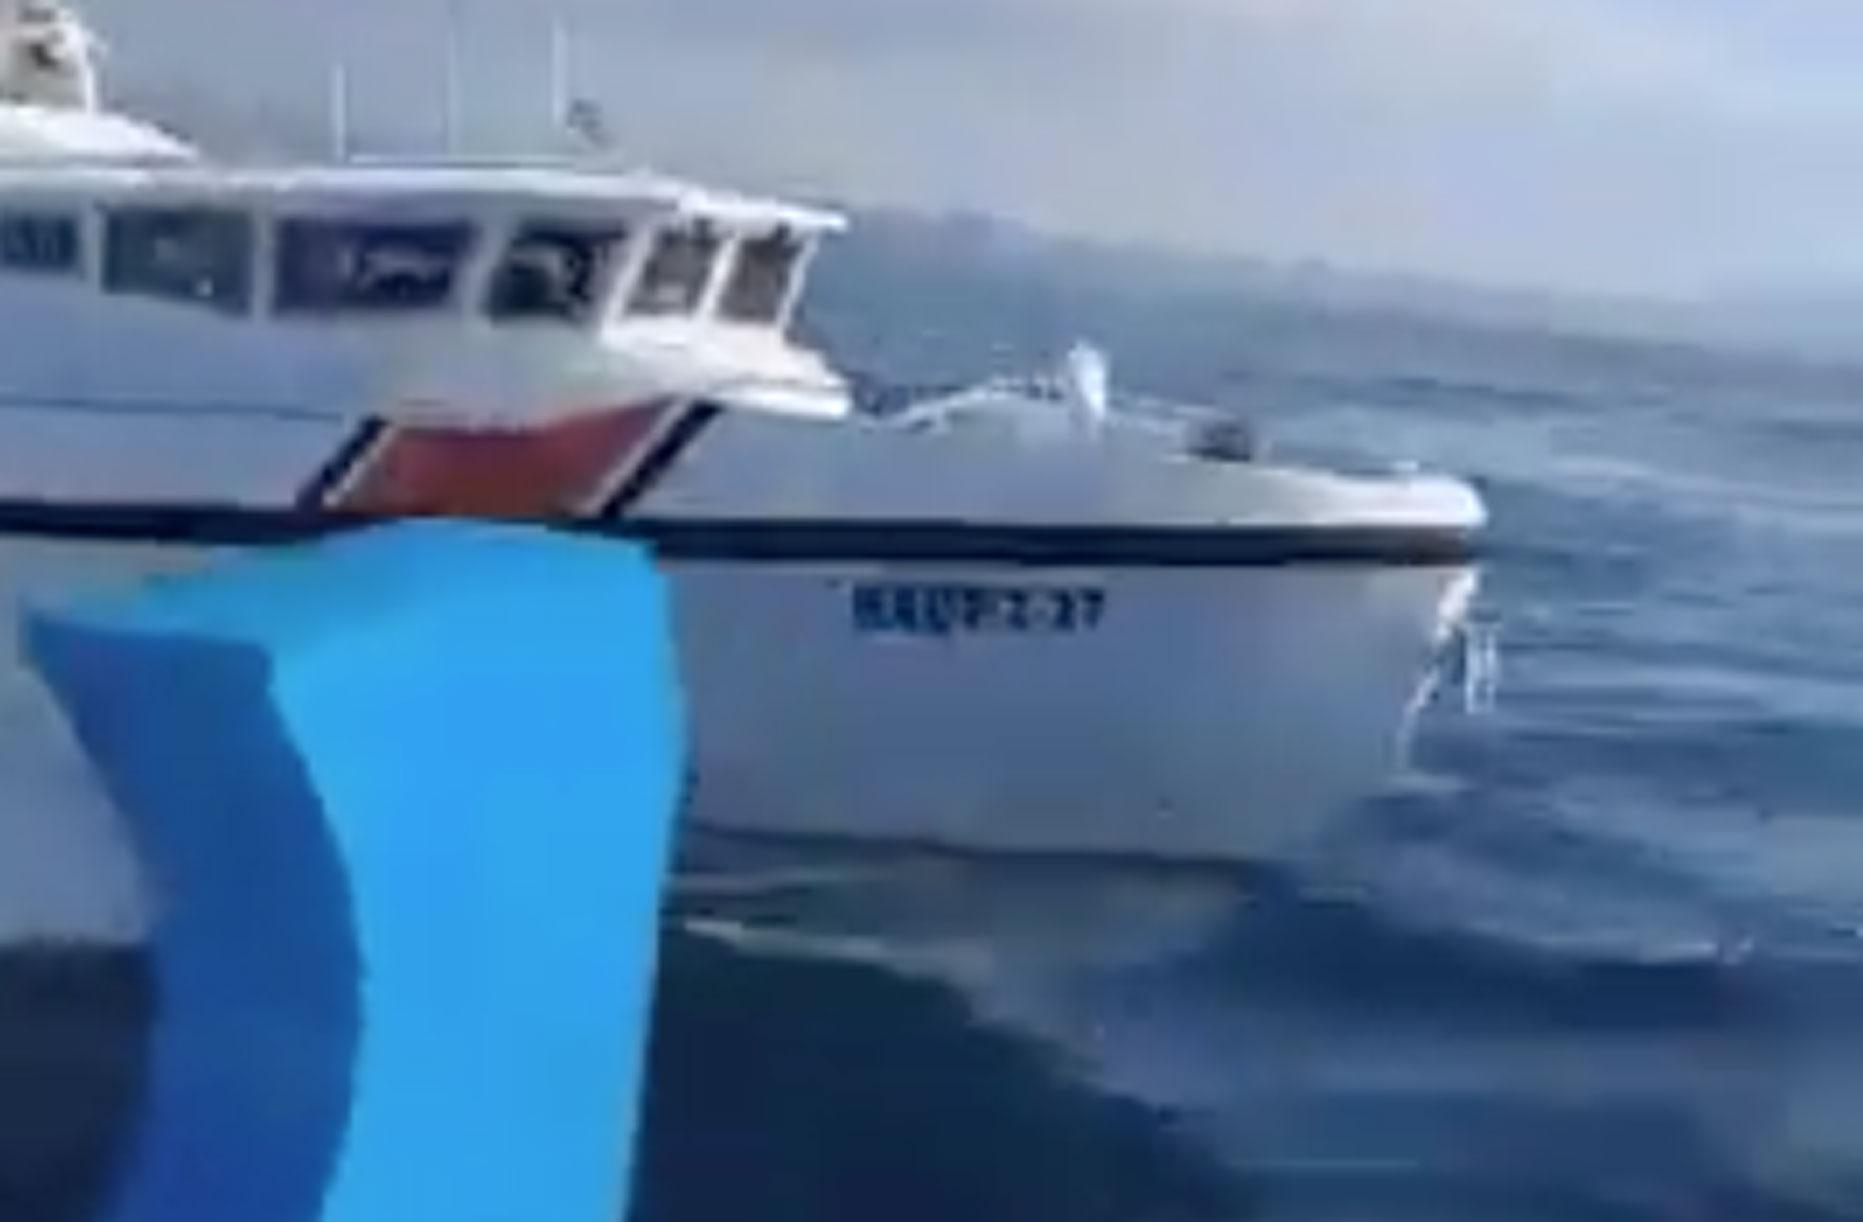 """Η επική αντίδραση Έλληνα ψαρά στην παρενόχληση από τουρκικό σκάφος έξω από την Καλόλιμνο! """"Θα μας κλά@@@@..."""" [video]"""